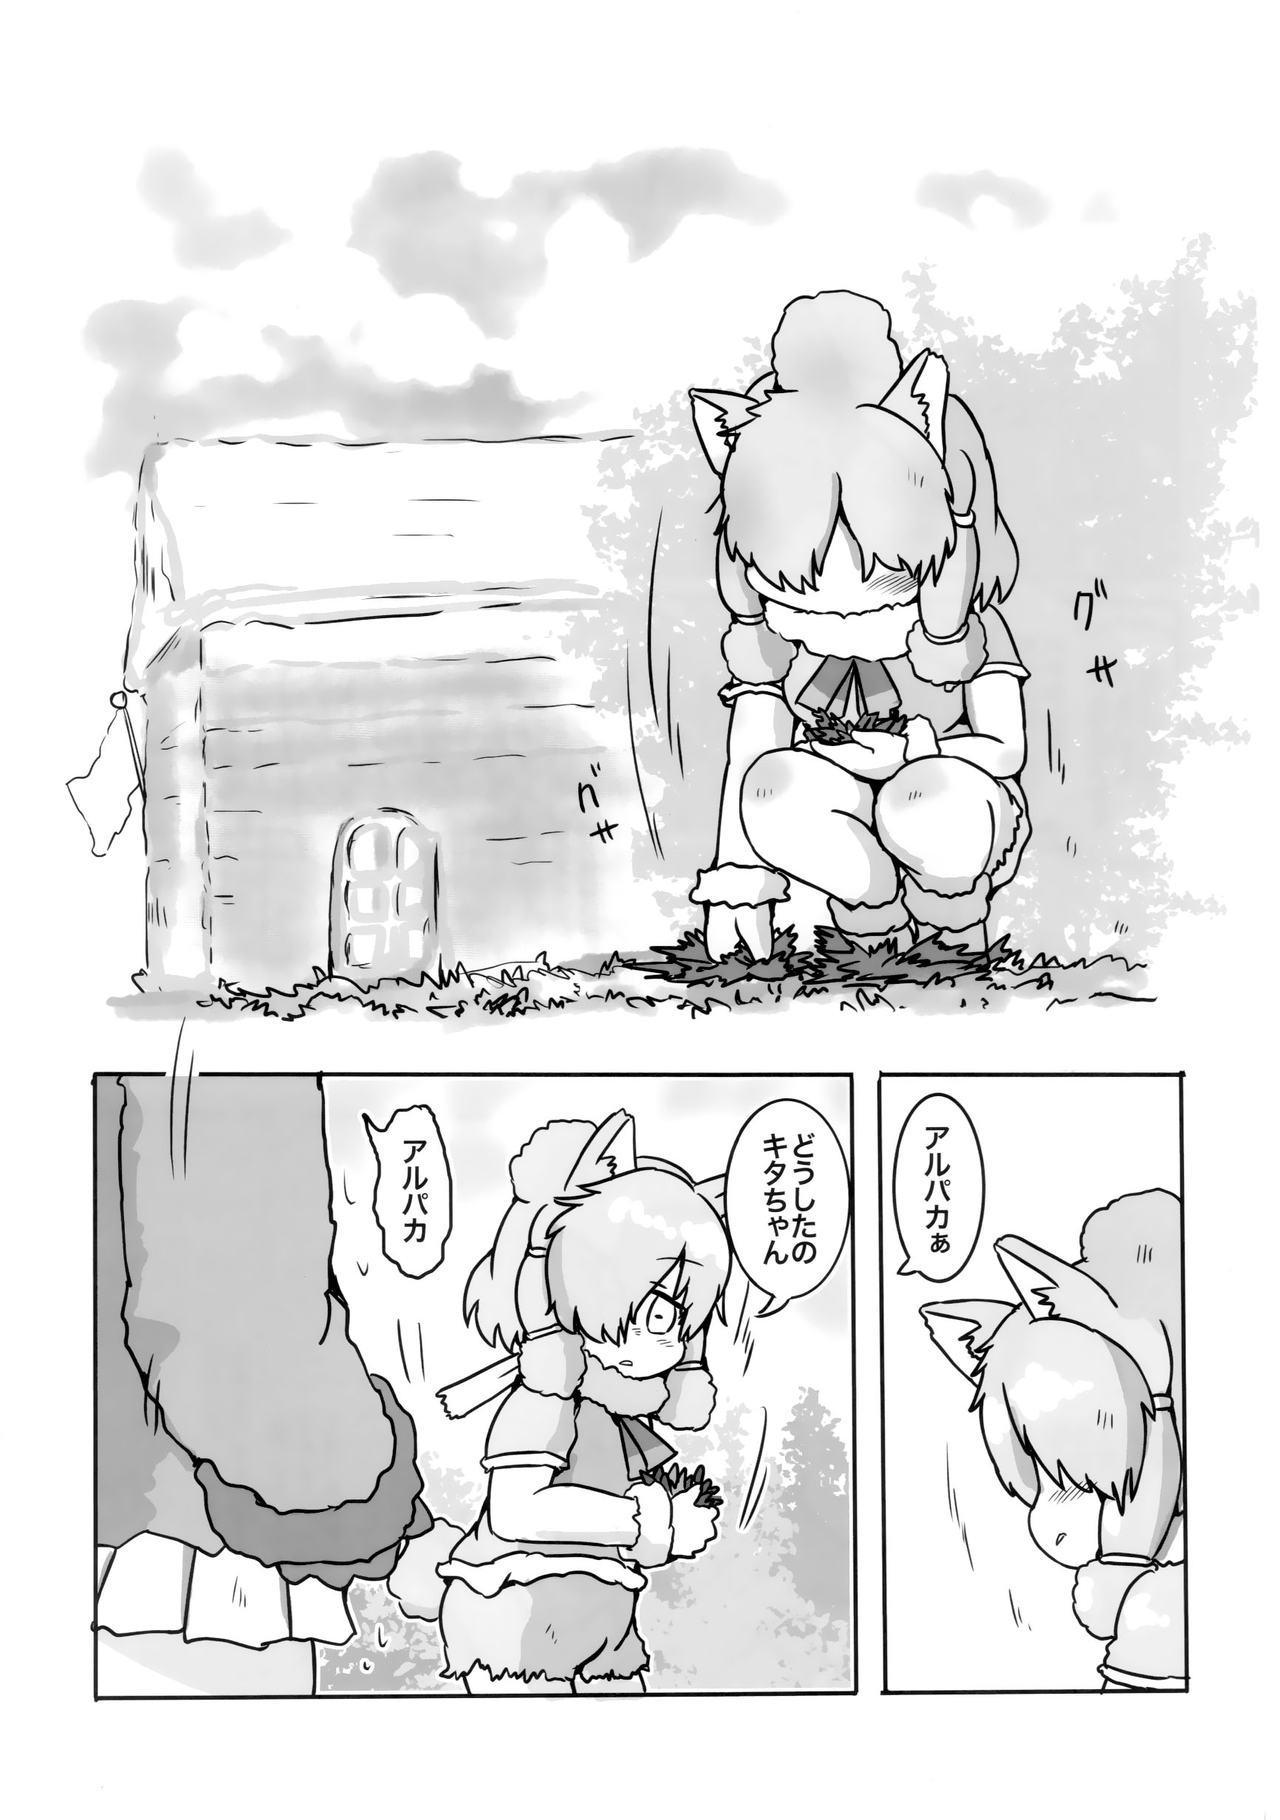 Boku, Koko de Zutto Kimi to Itai. 21